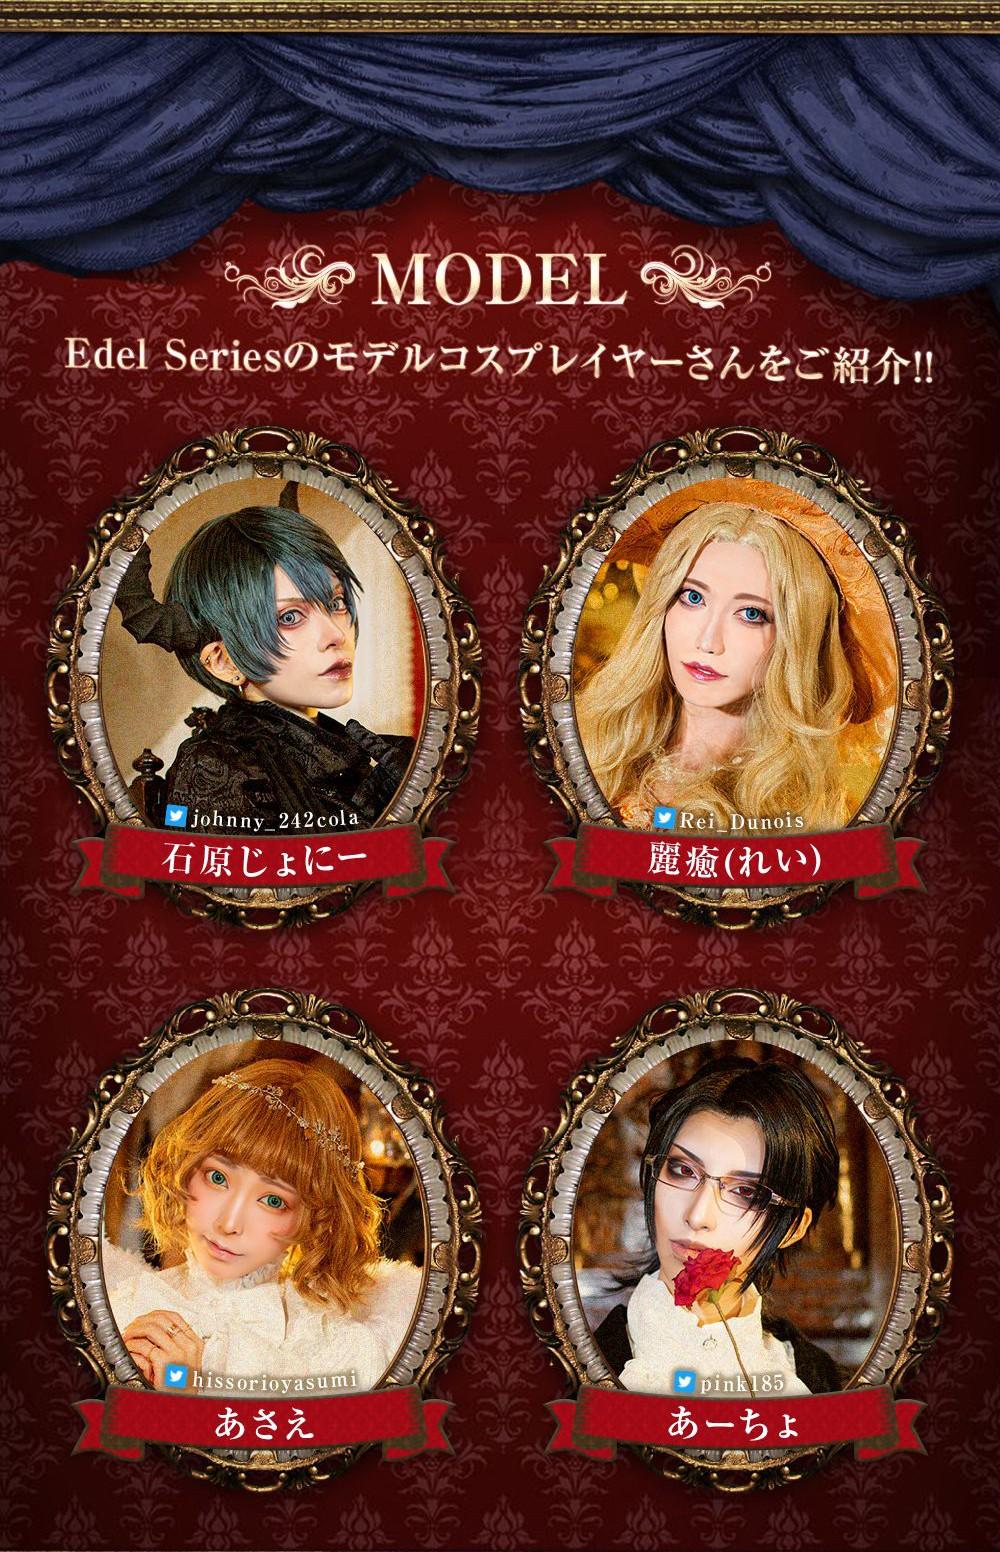 「Edel Series(エーデルシリーズ)」モデル